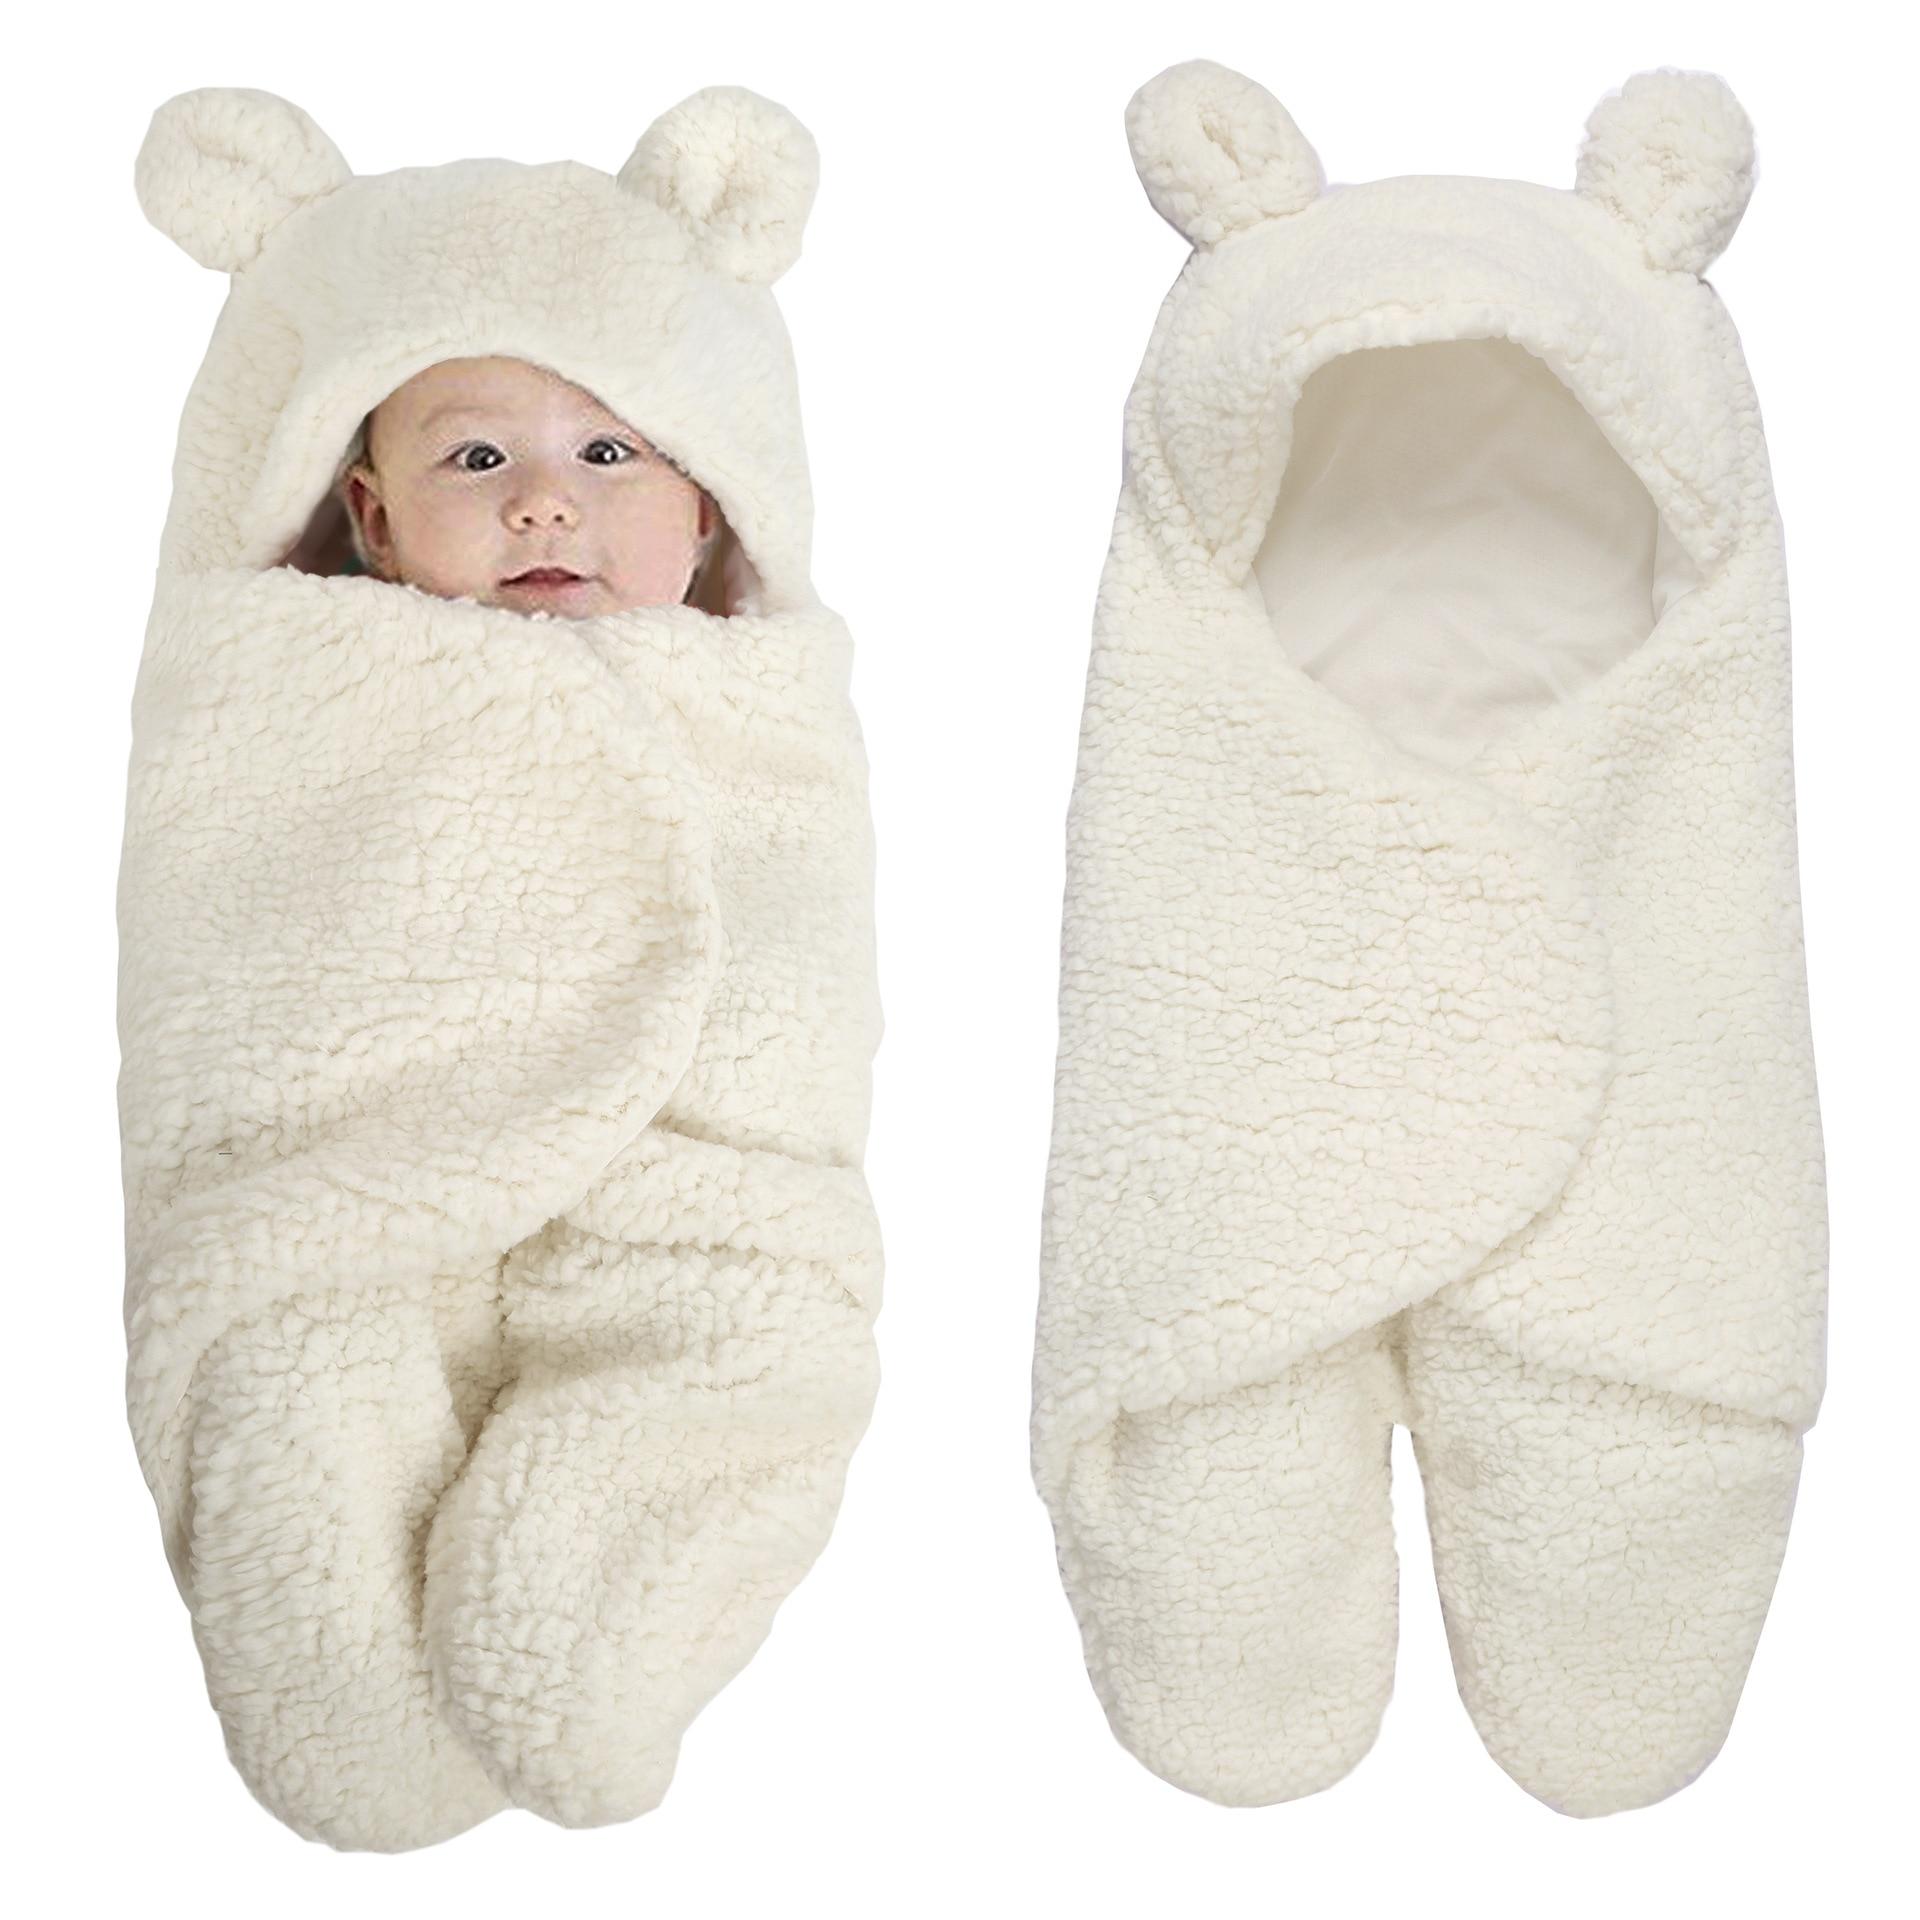 Hot Selling Baby Sleeping Bags Newborn Baby Sleeping Bags Wholesale